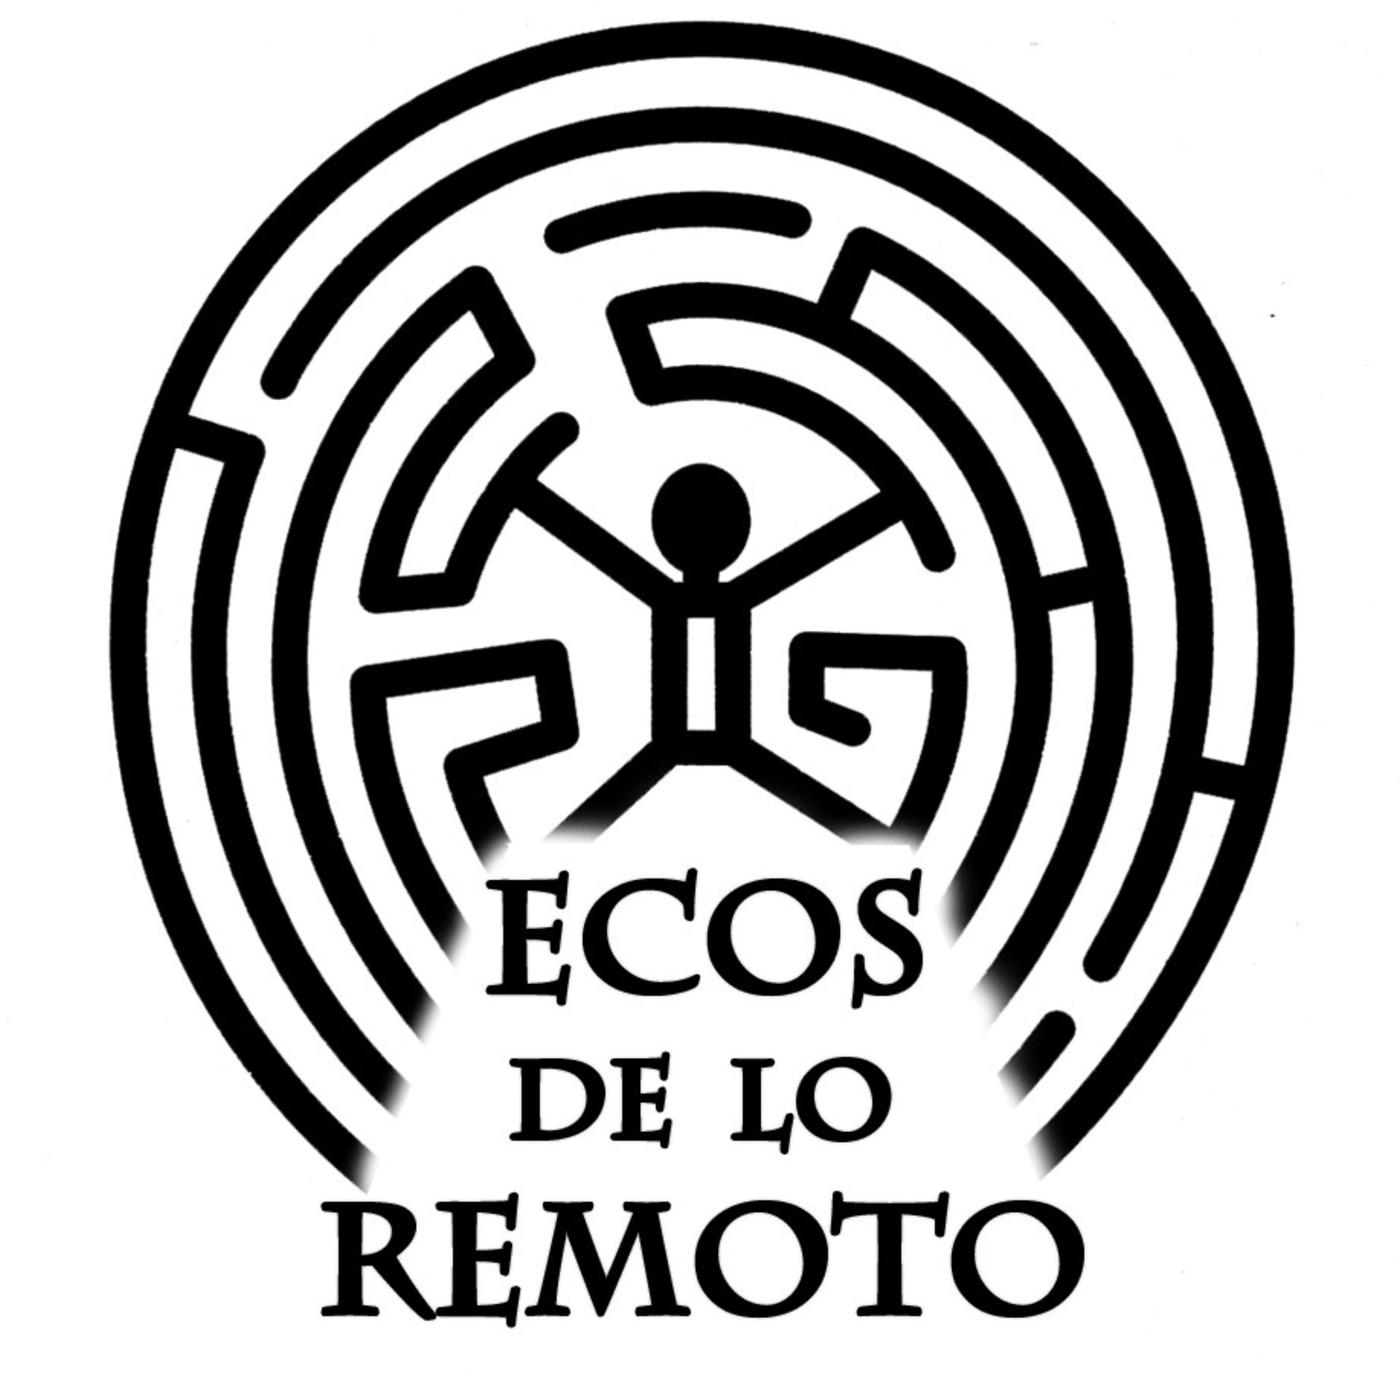 Ecos de lo remoto radio